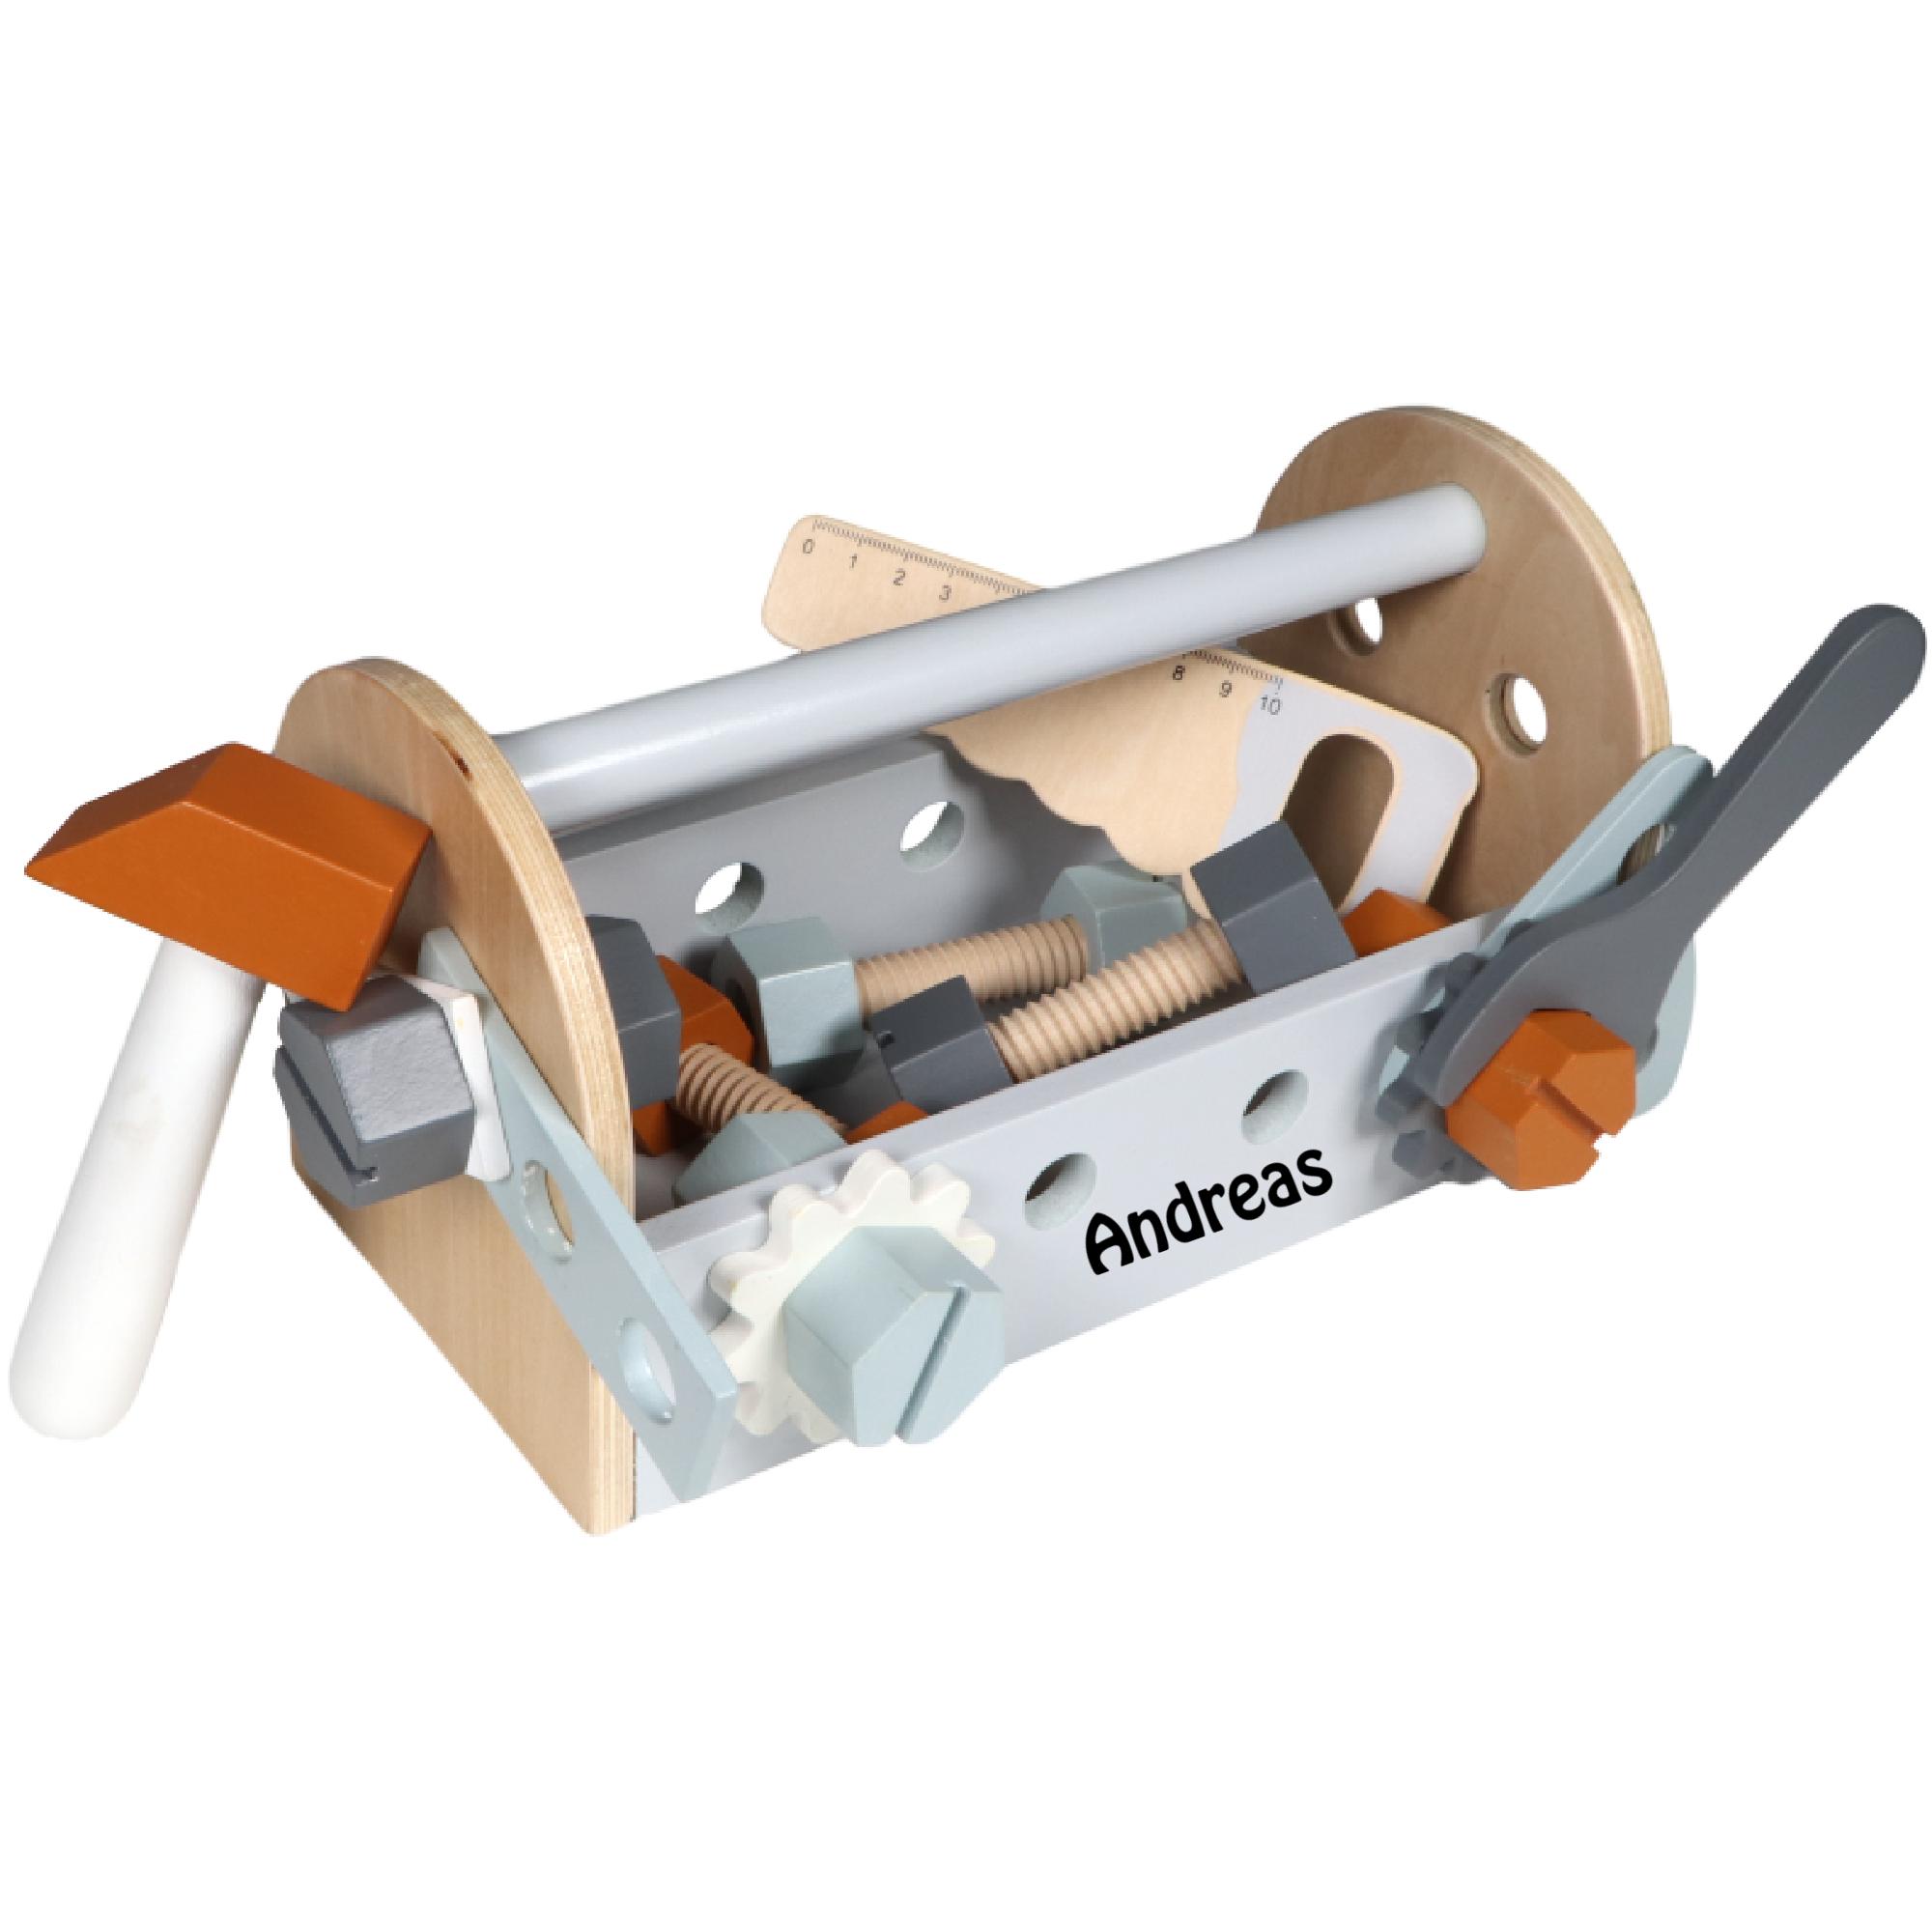 Tryco værktøjskasse med navn